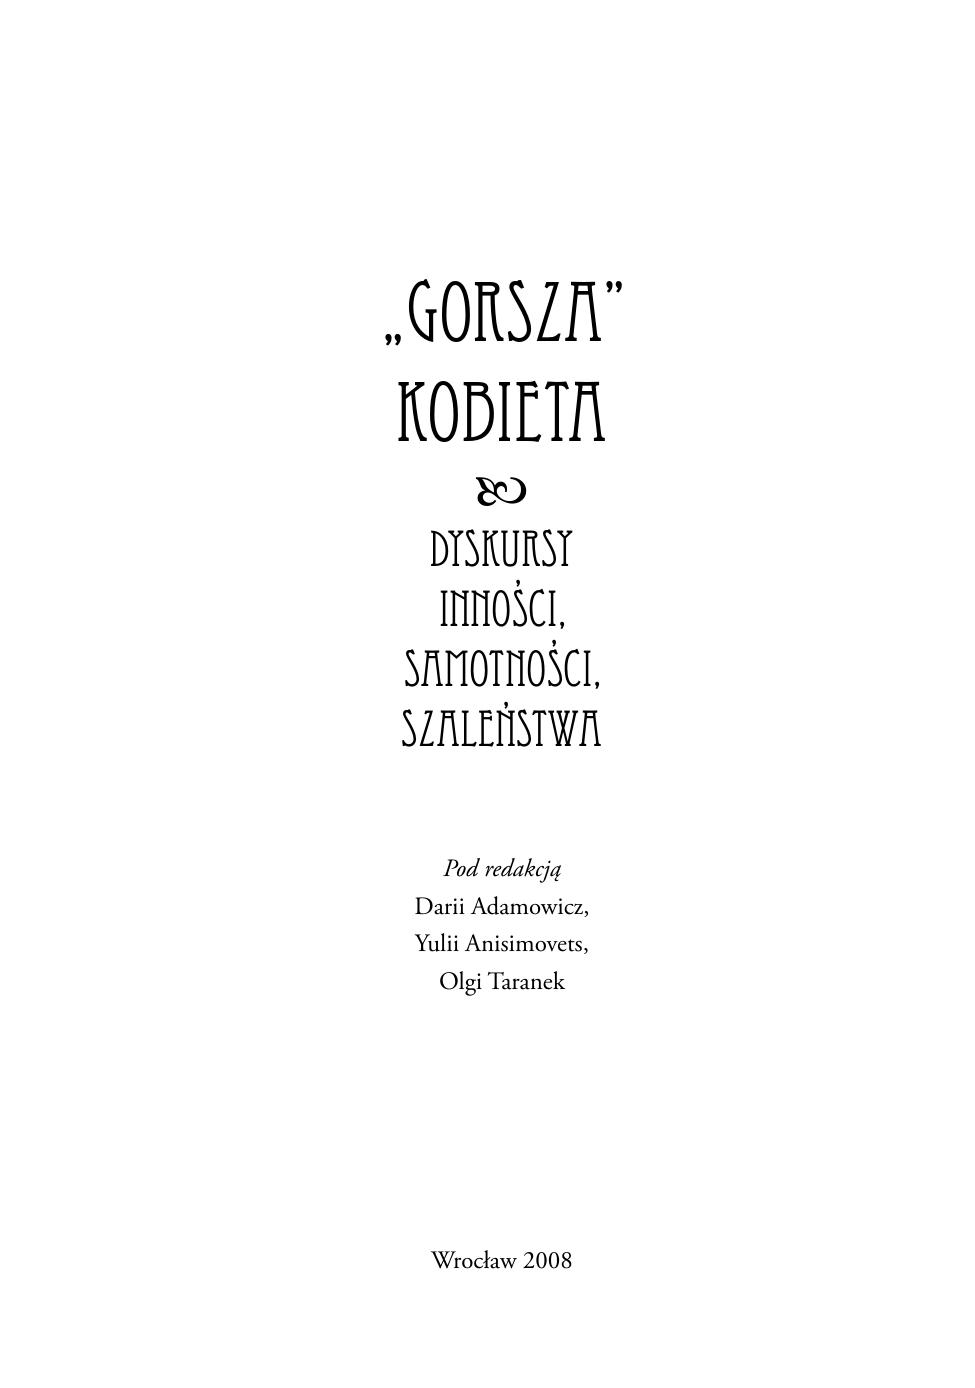 Gorsza Kobieta Instytut Filologii Polskiej Manualzzcom